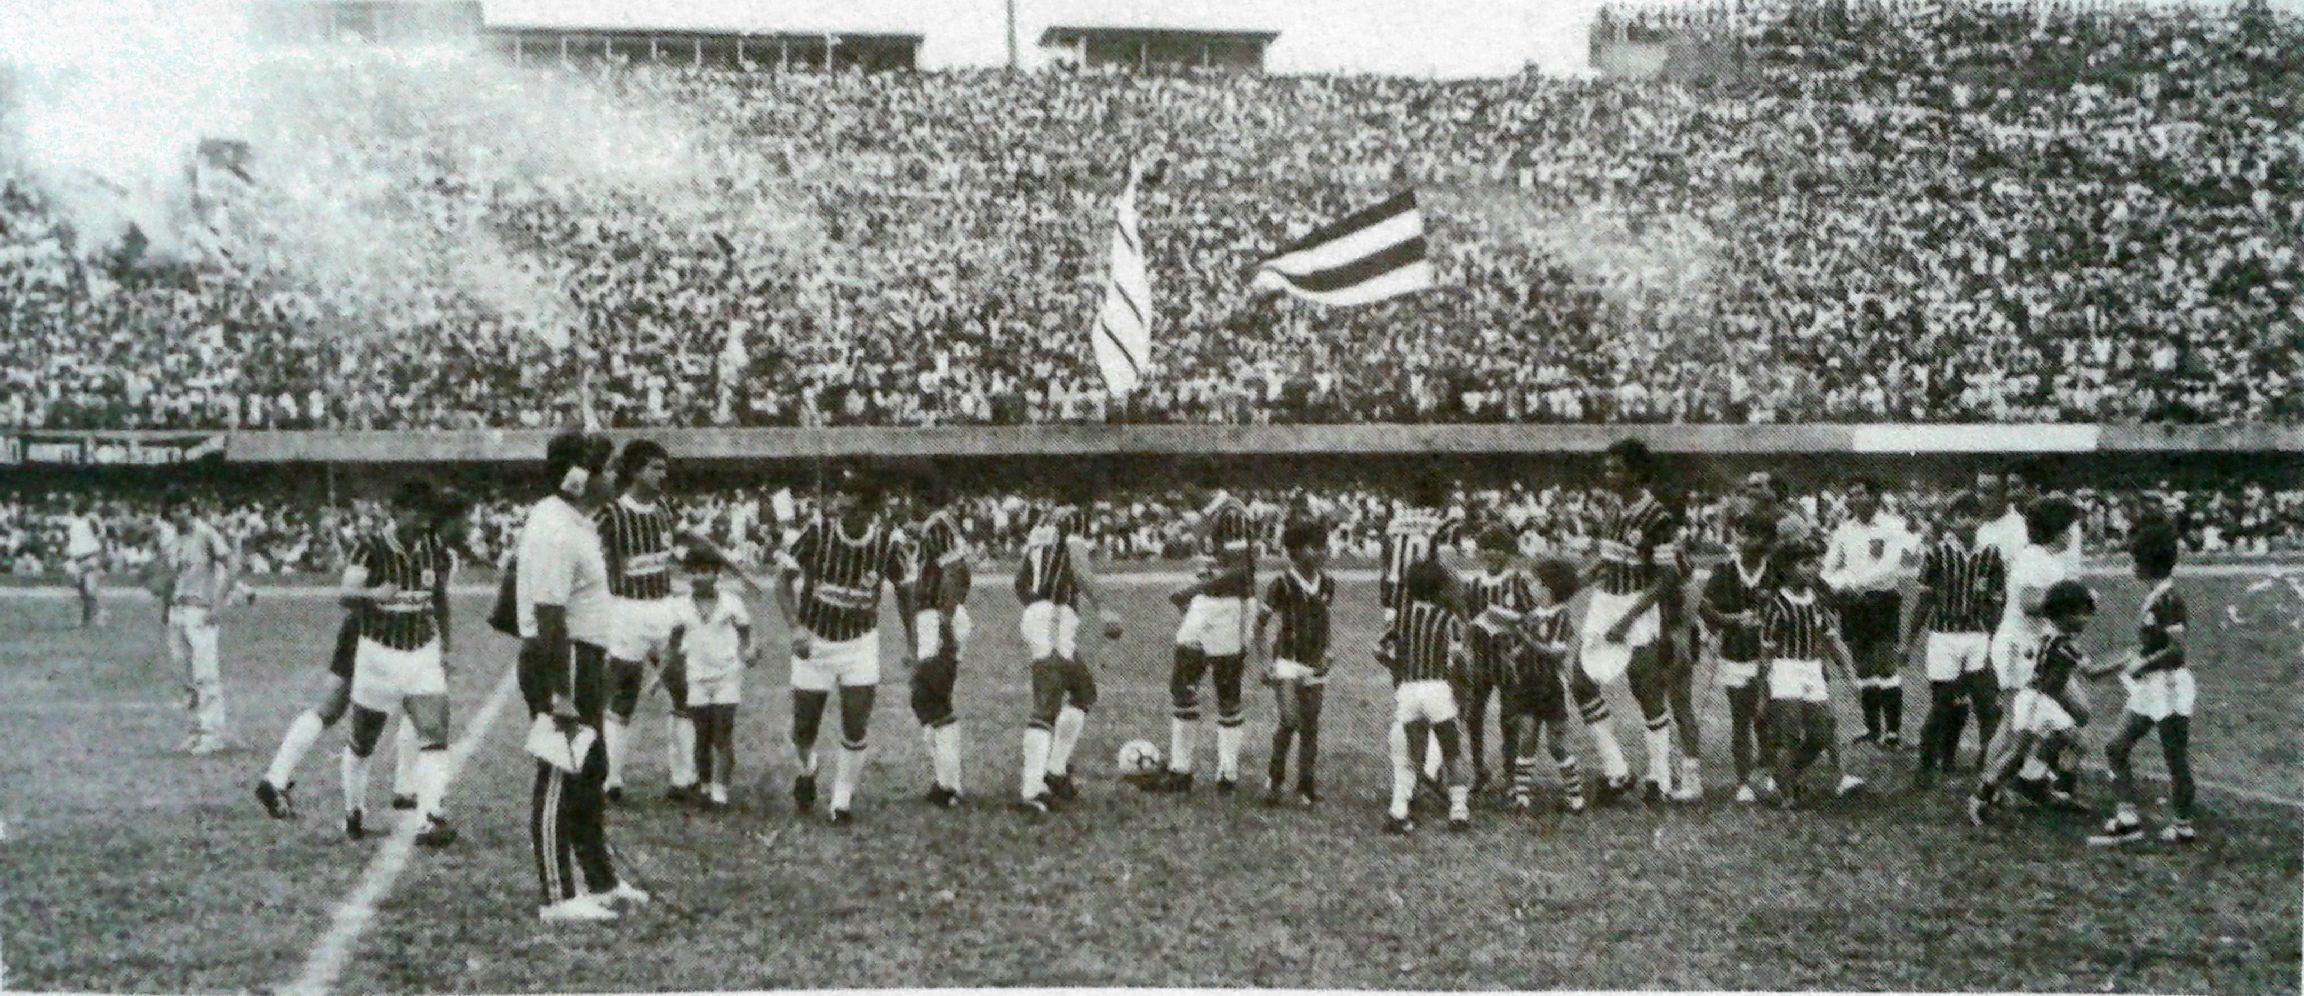 Rio Branco  100 anos de história do clube que nasceu para  ser do povo   5abec00f0dfa5